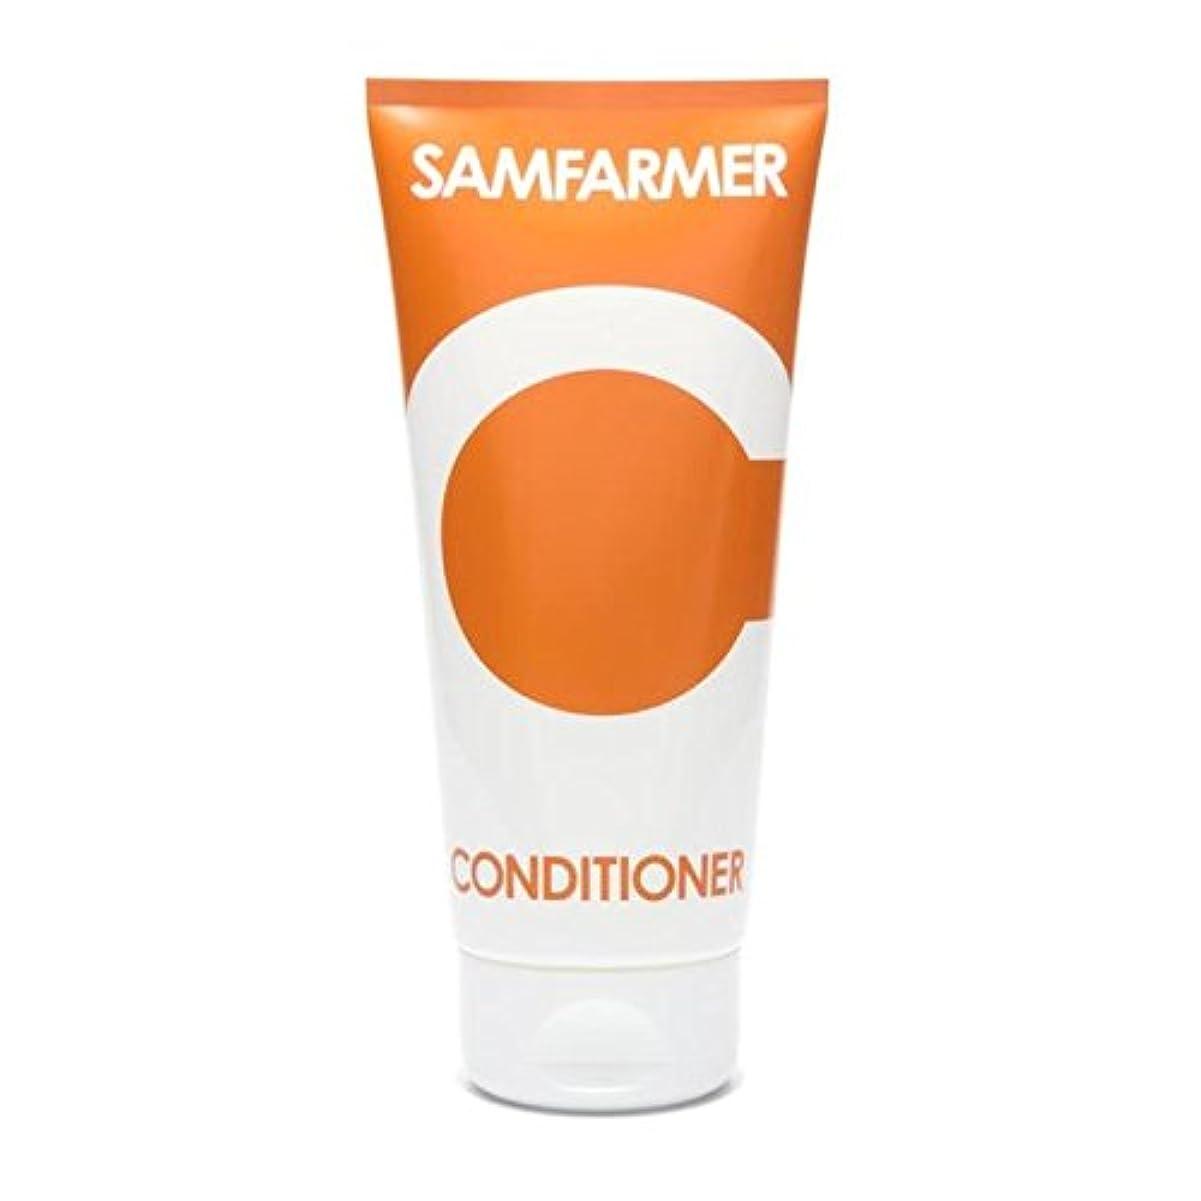 前になめらかな鷹ユニセックスコンディショナー200 x2 - SAMFARMER Unisex Conditioner 200ml (Pack of 2) [並行輸入品]